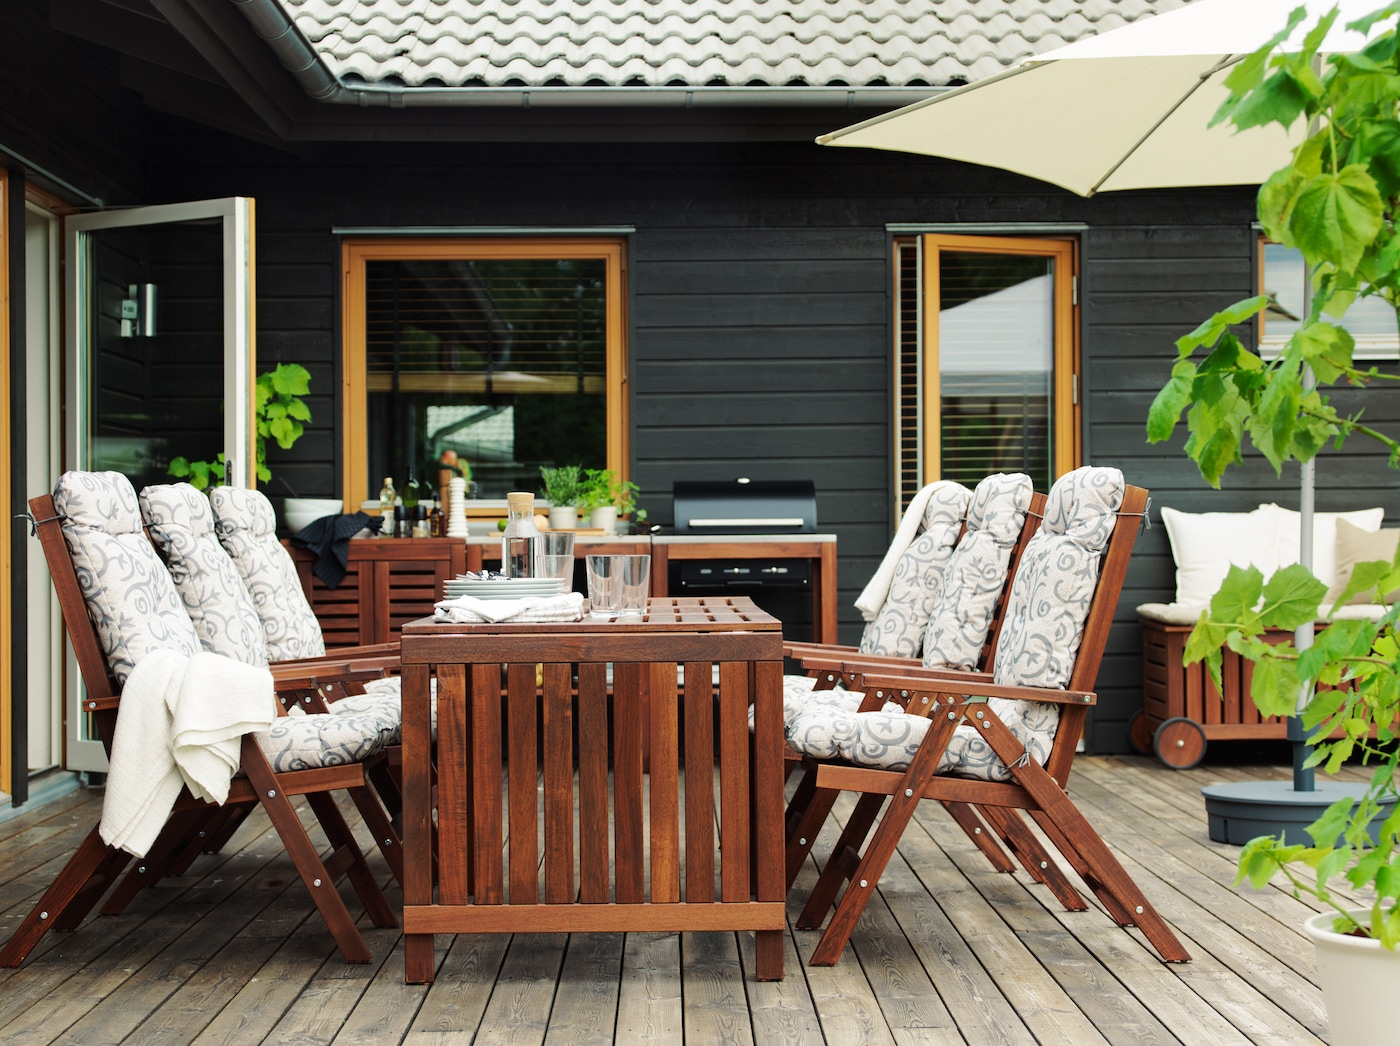 Terassi, jossa kuusi puista nojatuolia pehmusteilla, puinen pöytä ja takana musta grilli.